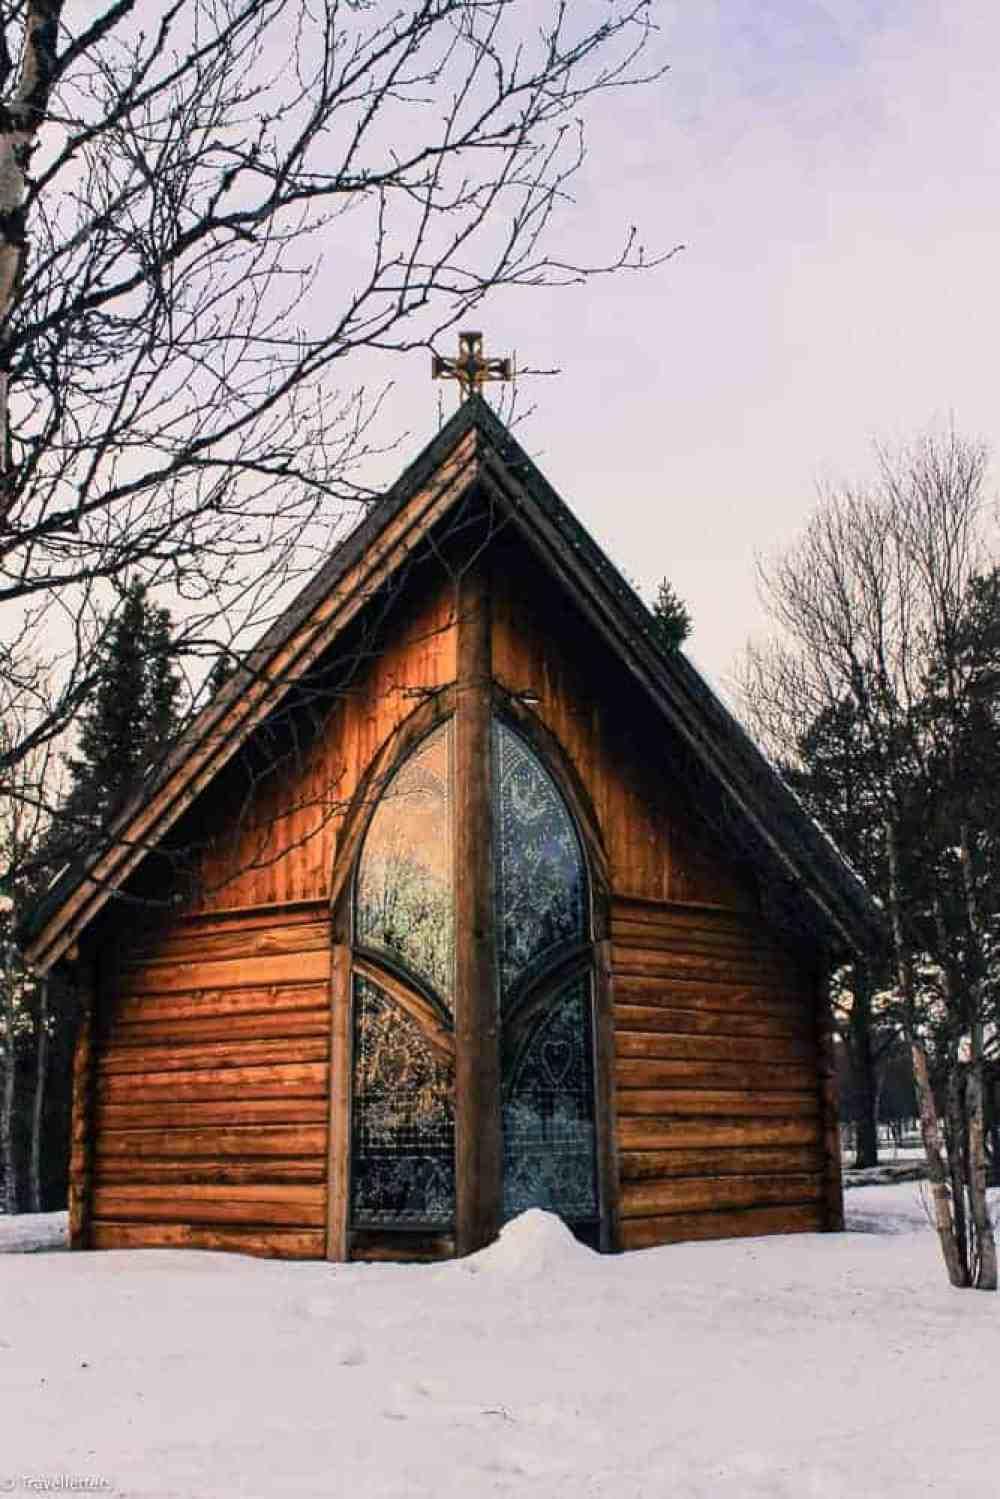 The Chapel of Lights, Norway in winter, Beitostølen ski resort Norway, Norwegian mountains, Beitostølen, ski resort Norway, winter in Norway